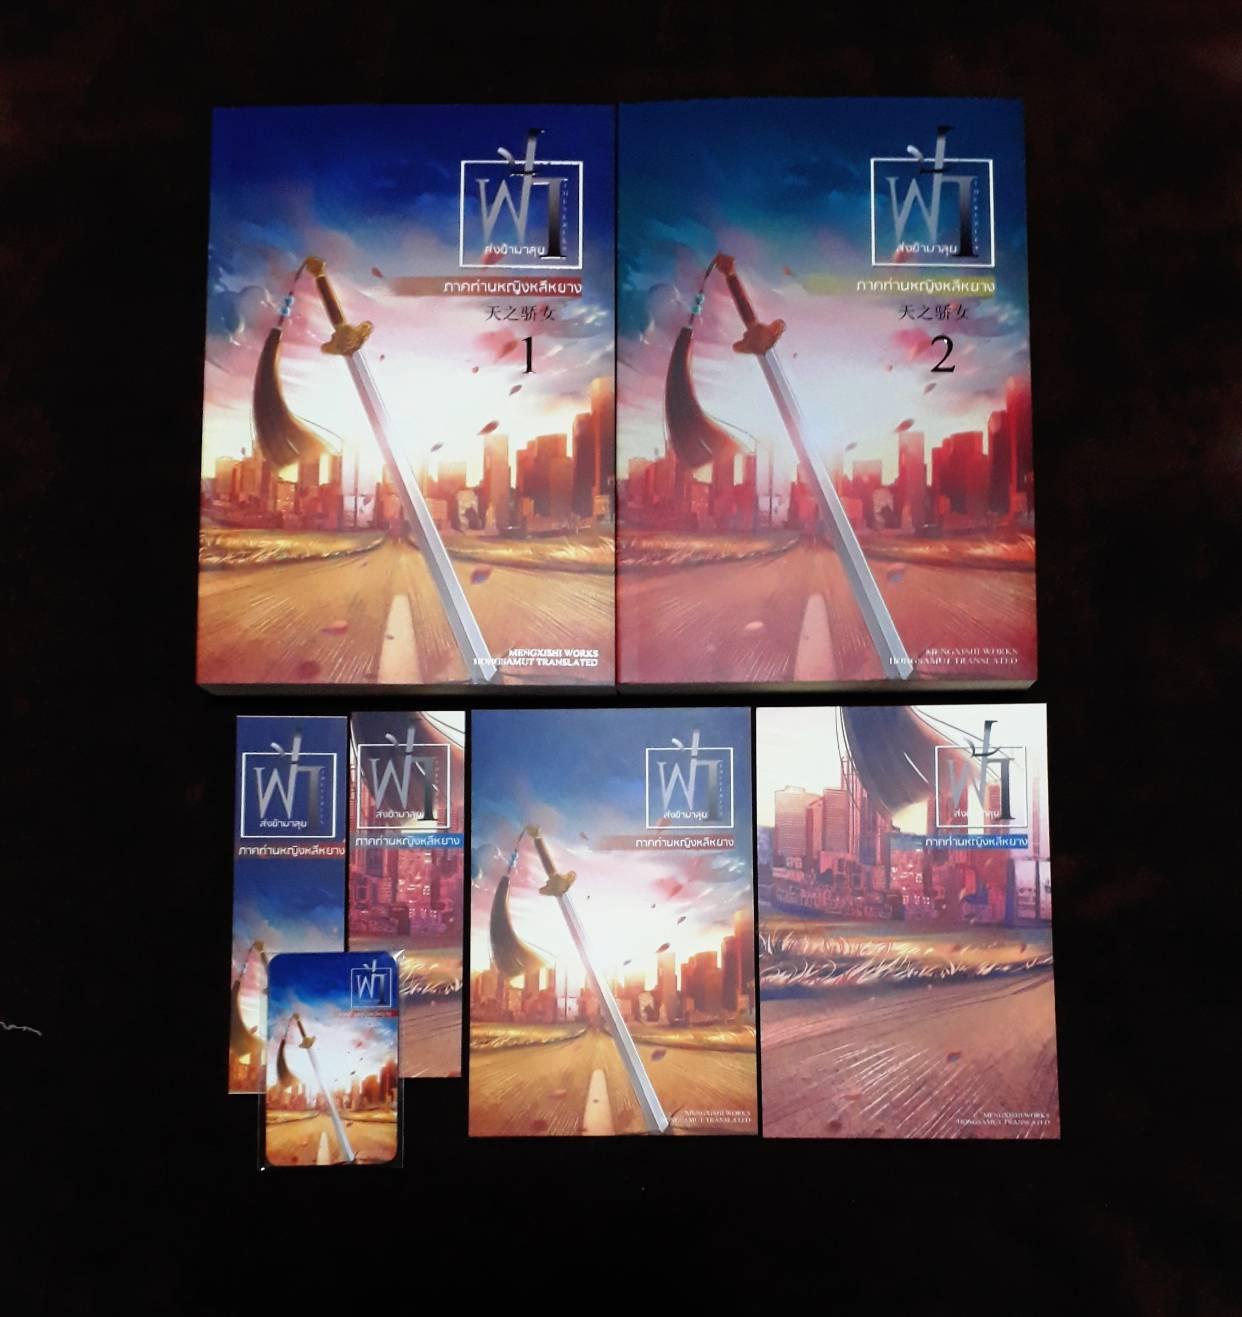 ฟ้าส่งข้ามาลุย - ภาคท่านหญิงหลีหยาง ปกอ่อน (สองเล่มจบ) By Hongsamut *พร้อมส่ง*